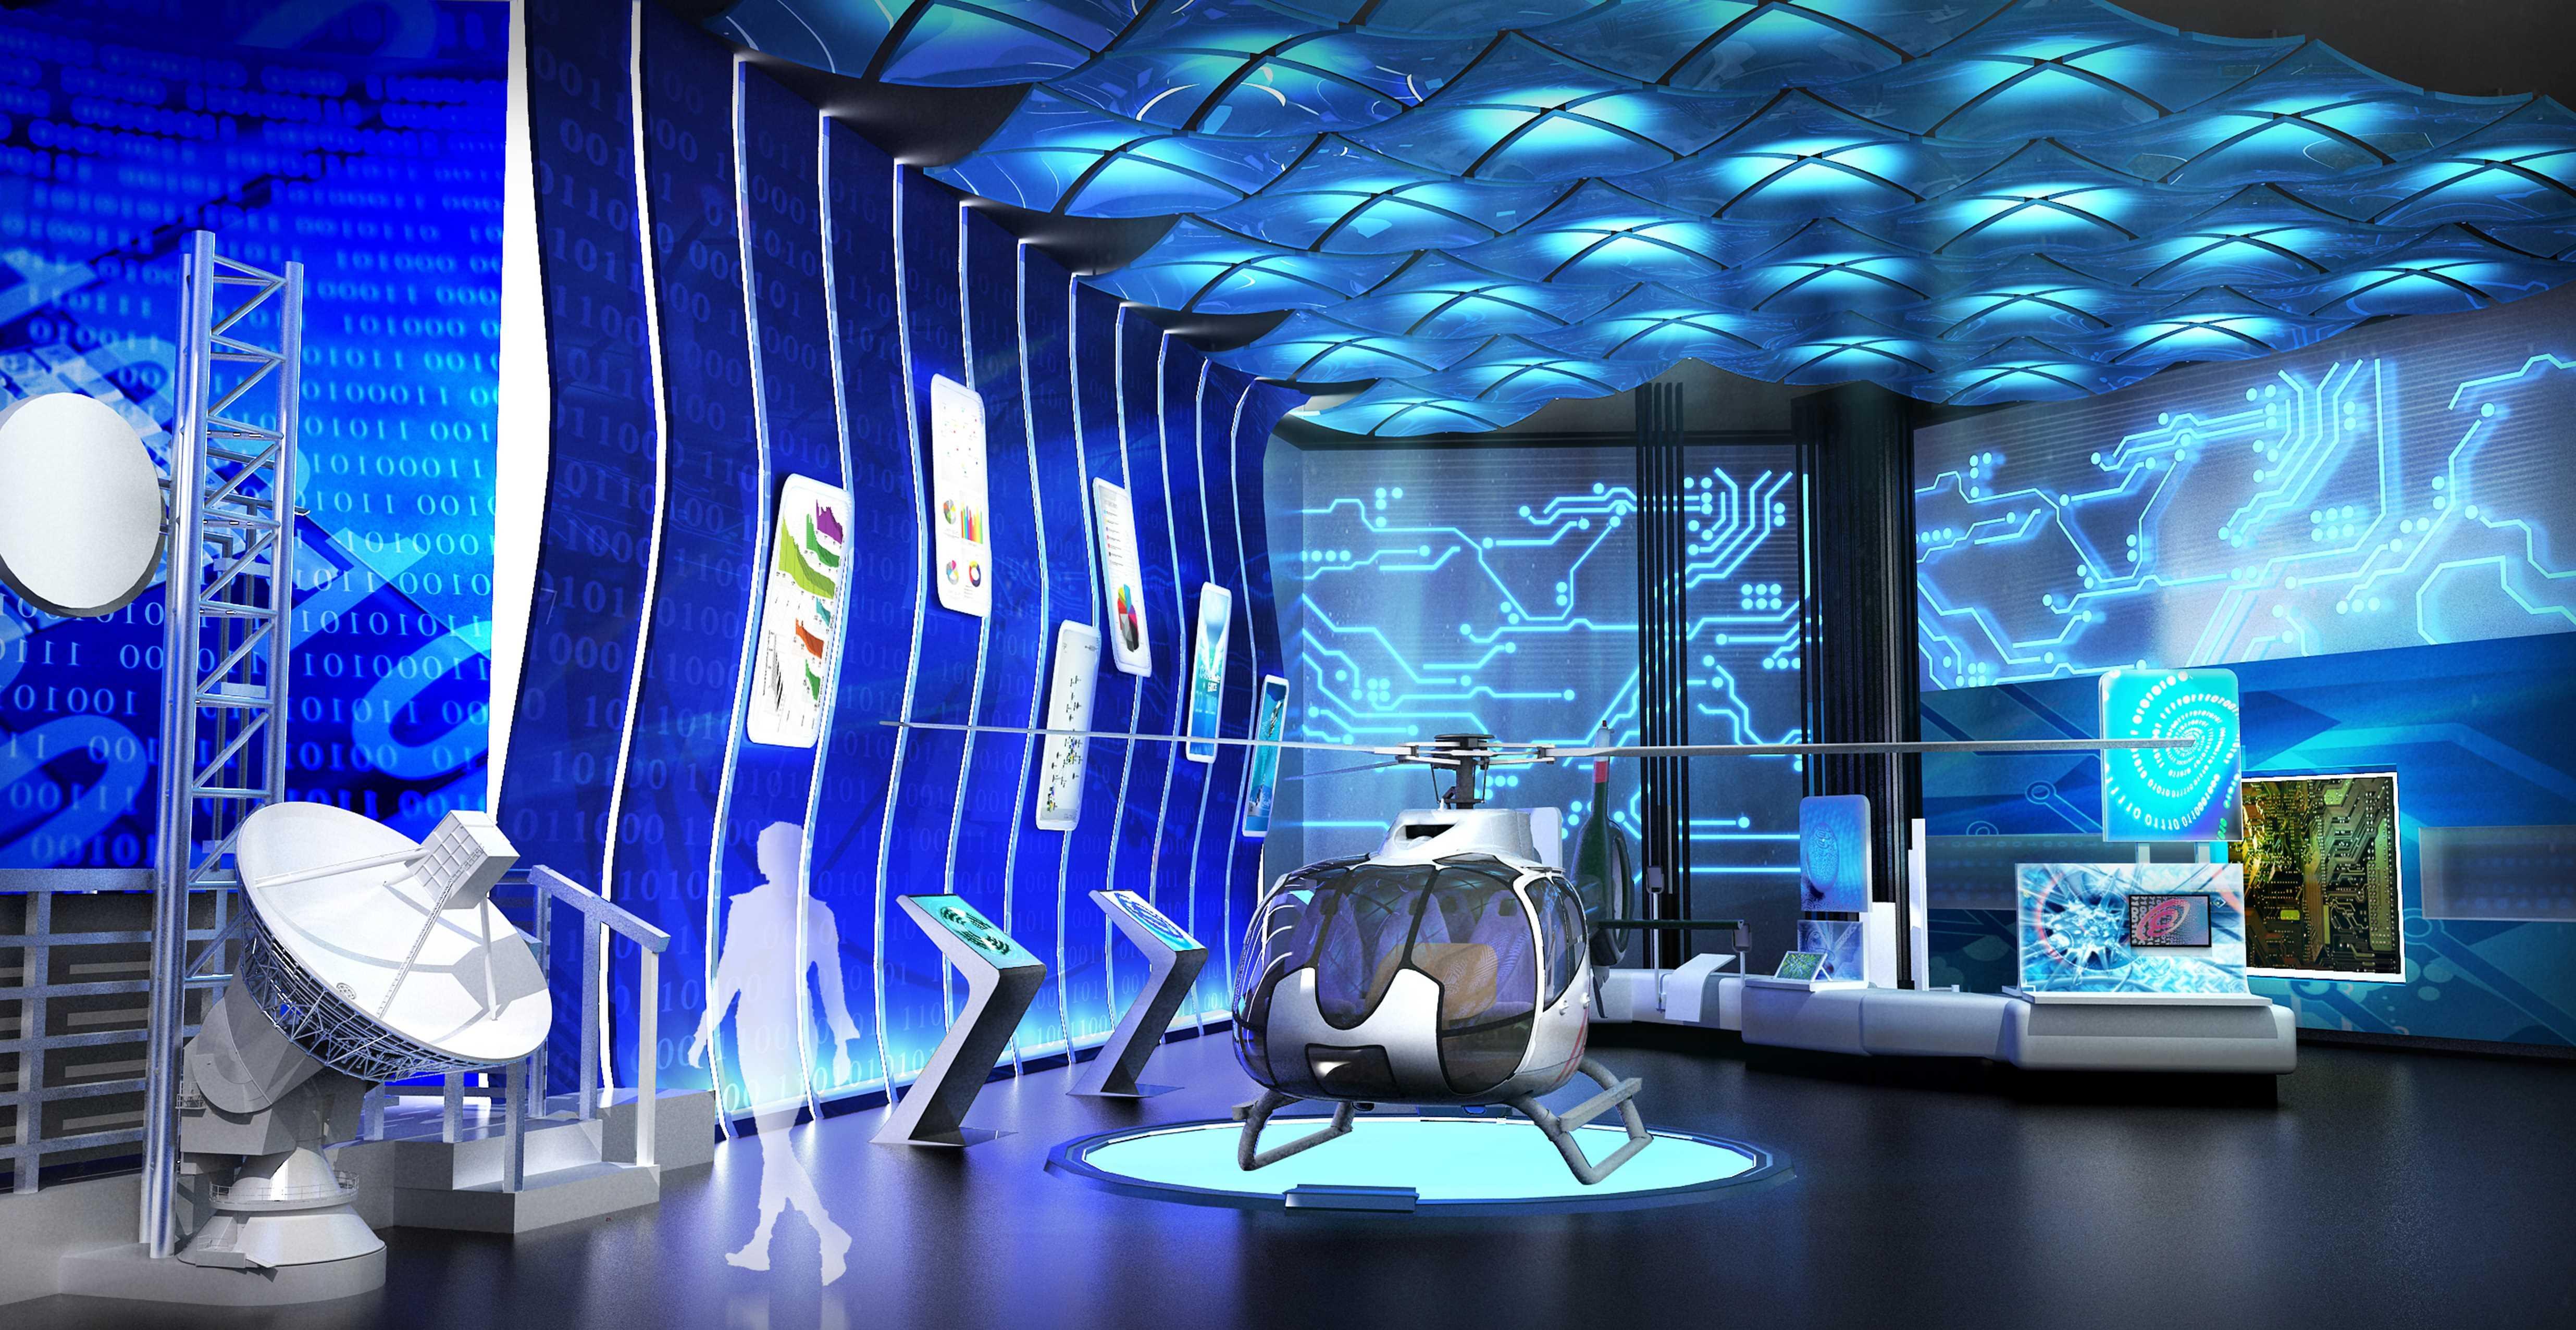 科技生活展馆设计4